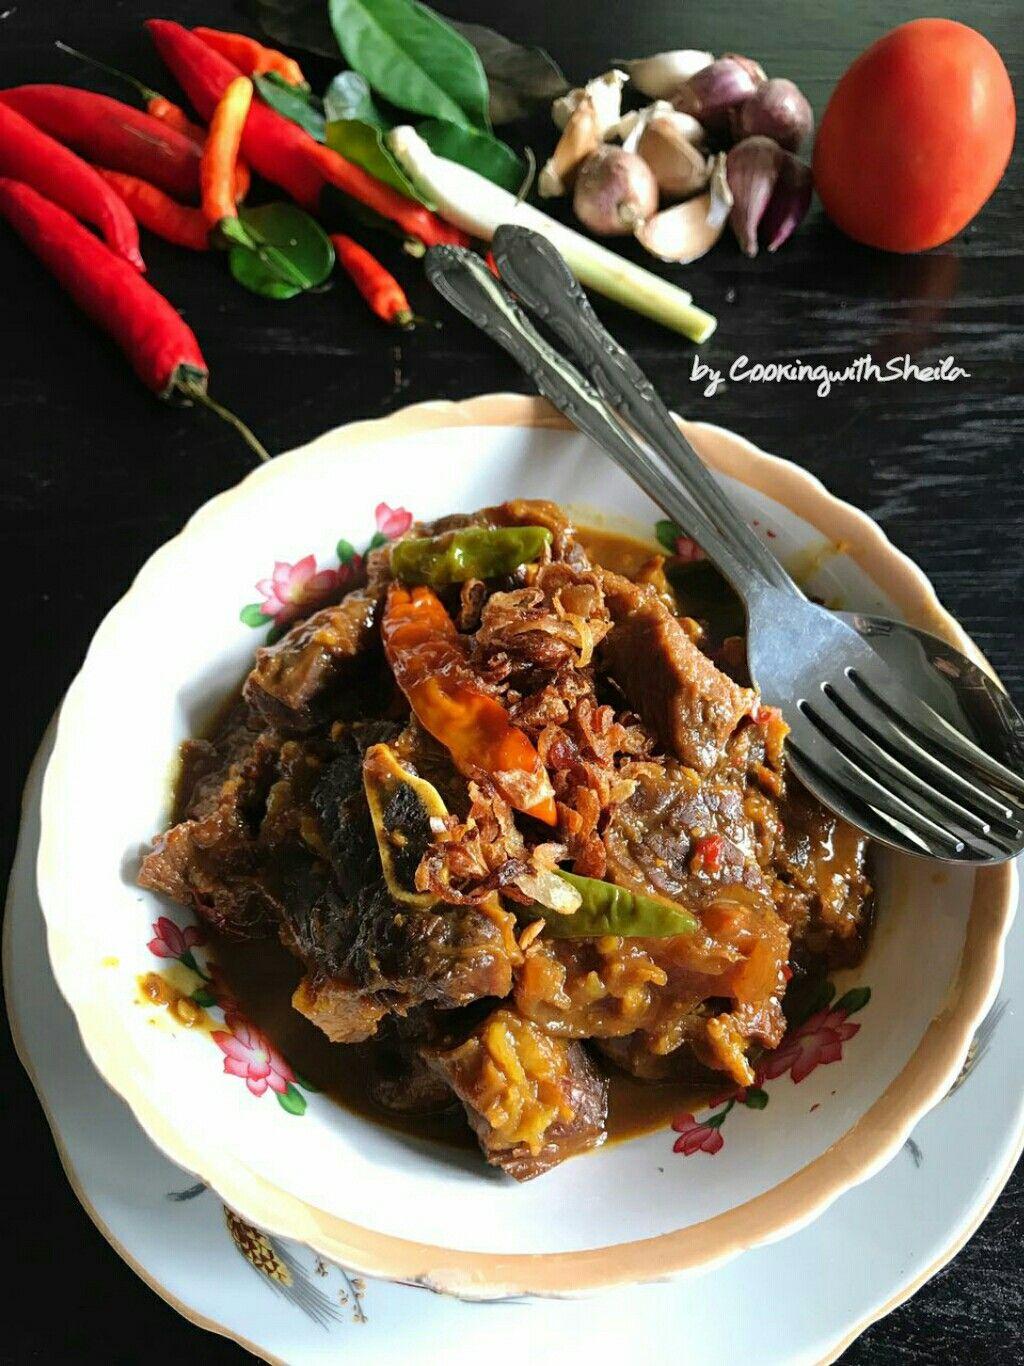 Krengsengan Sapi Adalah Menu Daging Khas Jawa Timur Selain Sapi Boleh Diganti Dengan Daging Kambing Dan Jeroan Resep Makanan Makanan Dan Minuman Makanan Enak